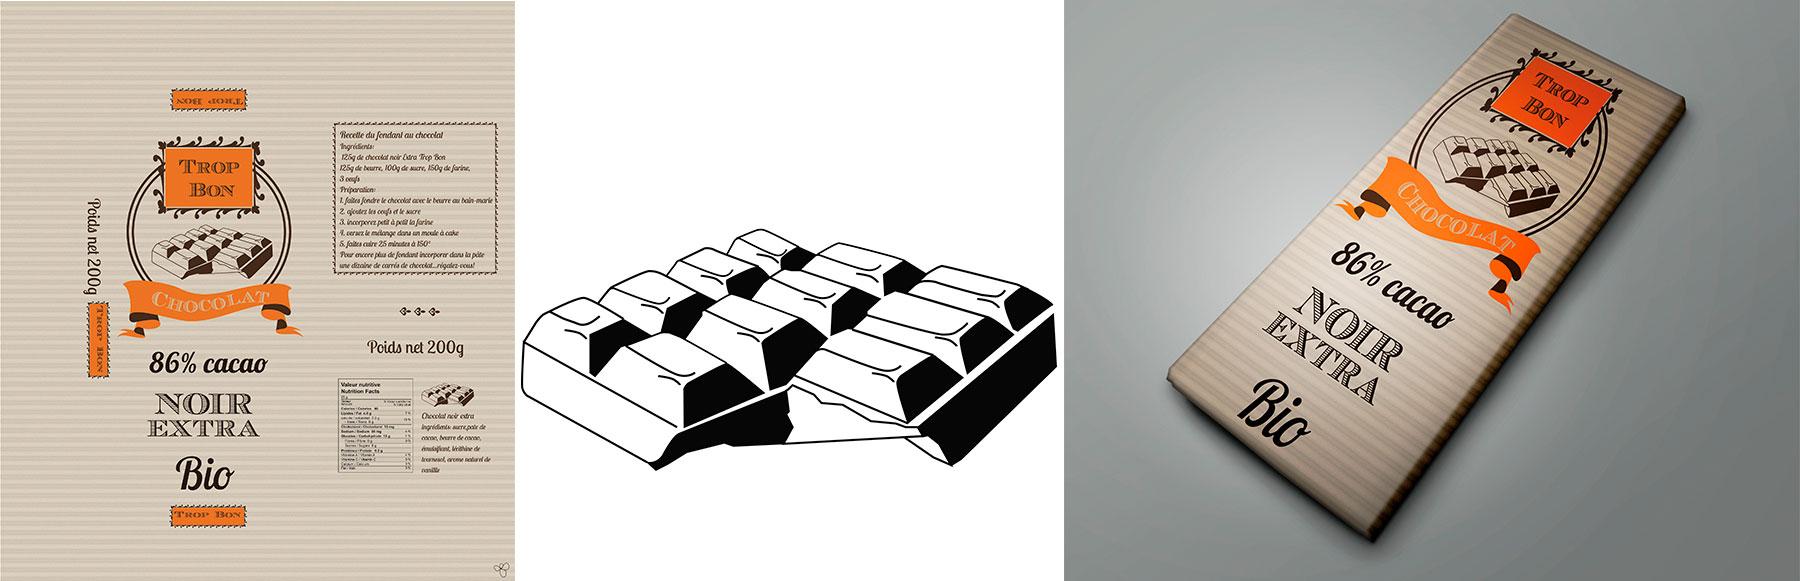 Cette image représente la création de l'emballage d'une tablette de chocolat avec son pictogramme